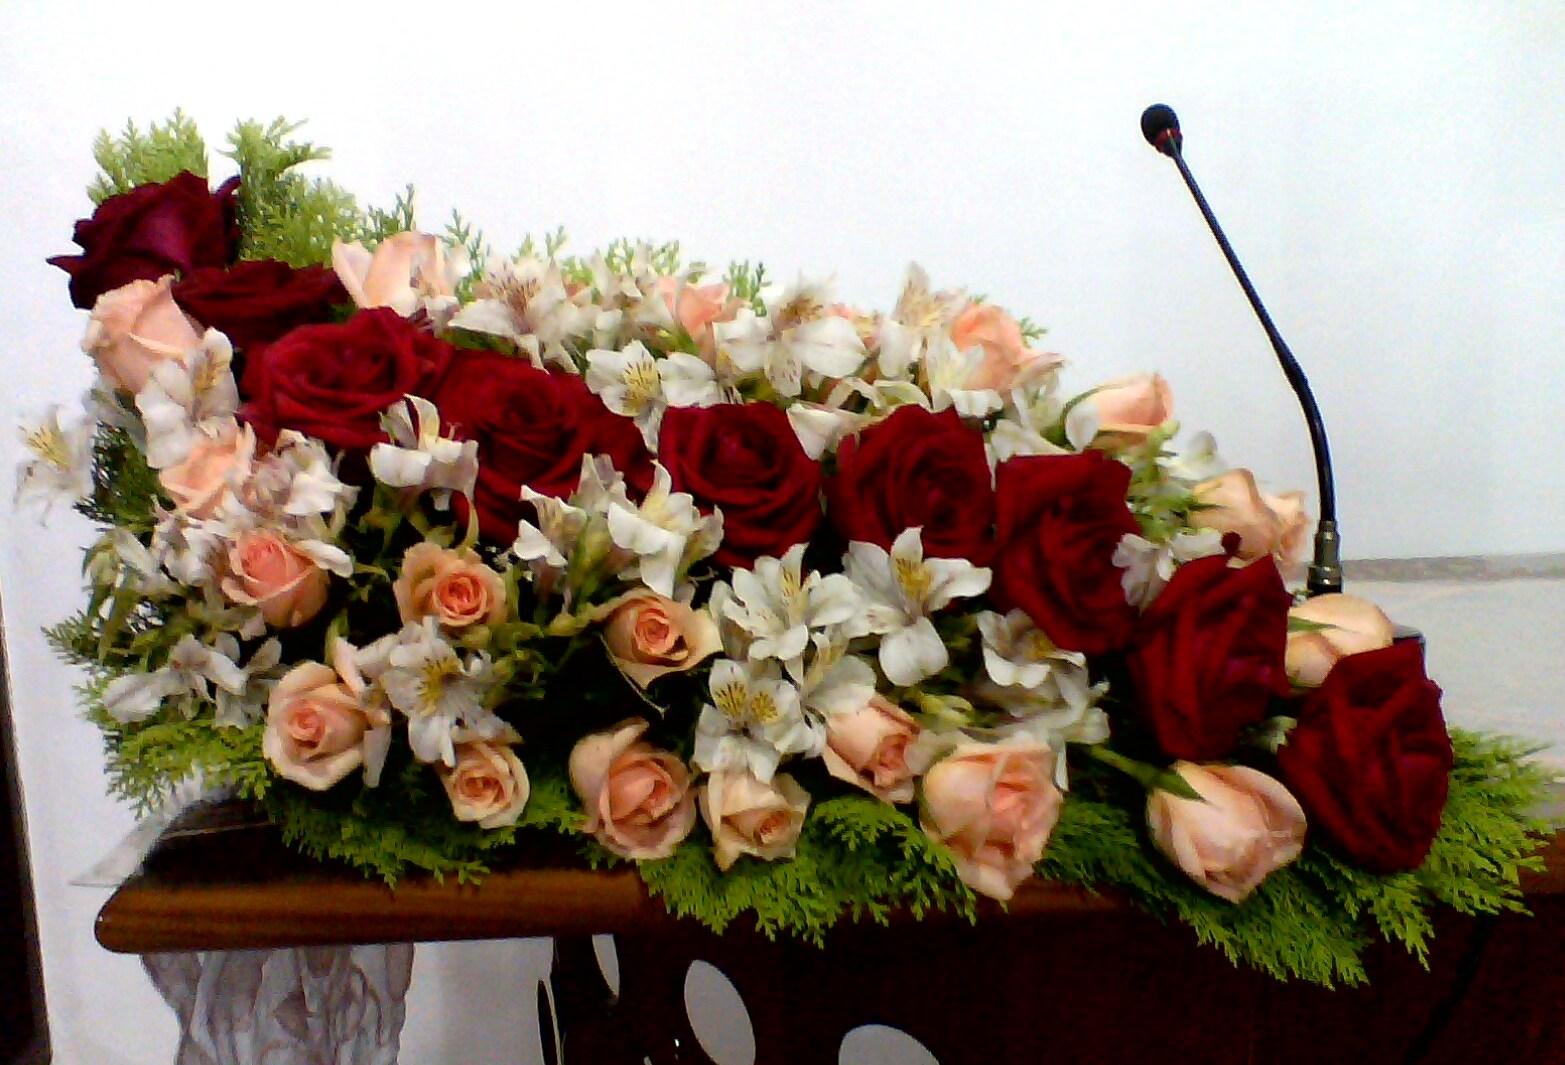 Grande Amor de Deus: Arranjos de Flores - Fotos De Arranjos De Flores Icm